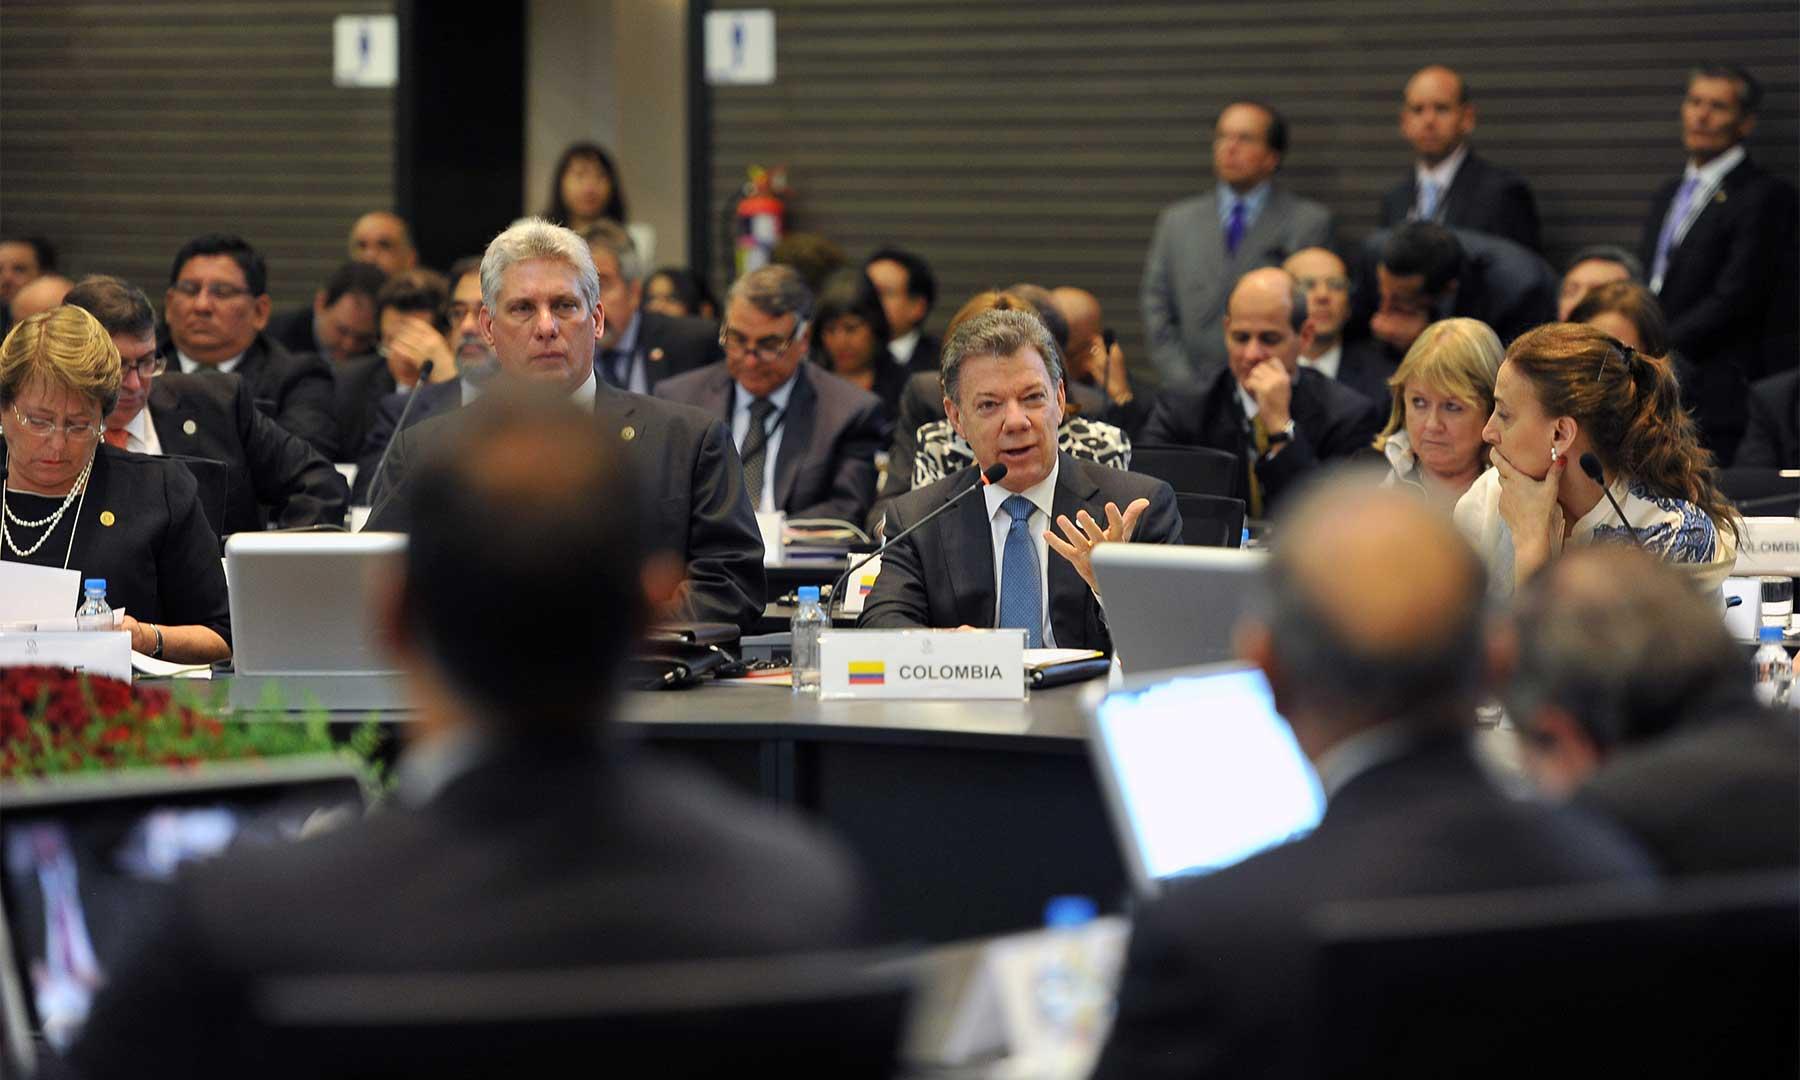 El Presidente Juan Manuel Santos agradeció, este miércoles en Quito, la disposición de los países de la Celac de participar en la verificación del cese al fuego y de hostilidades y la dejación de las armas.